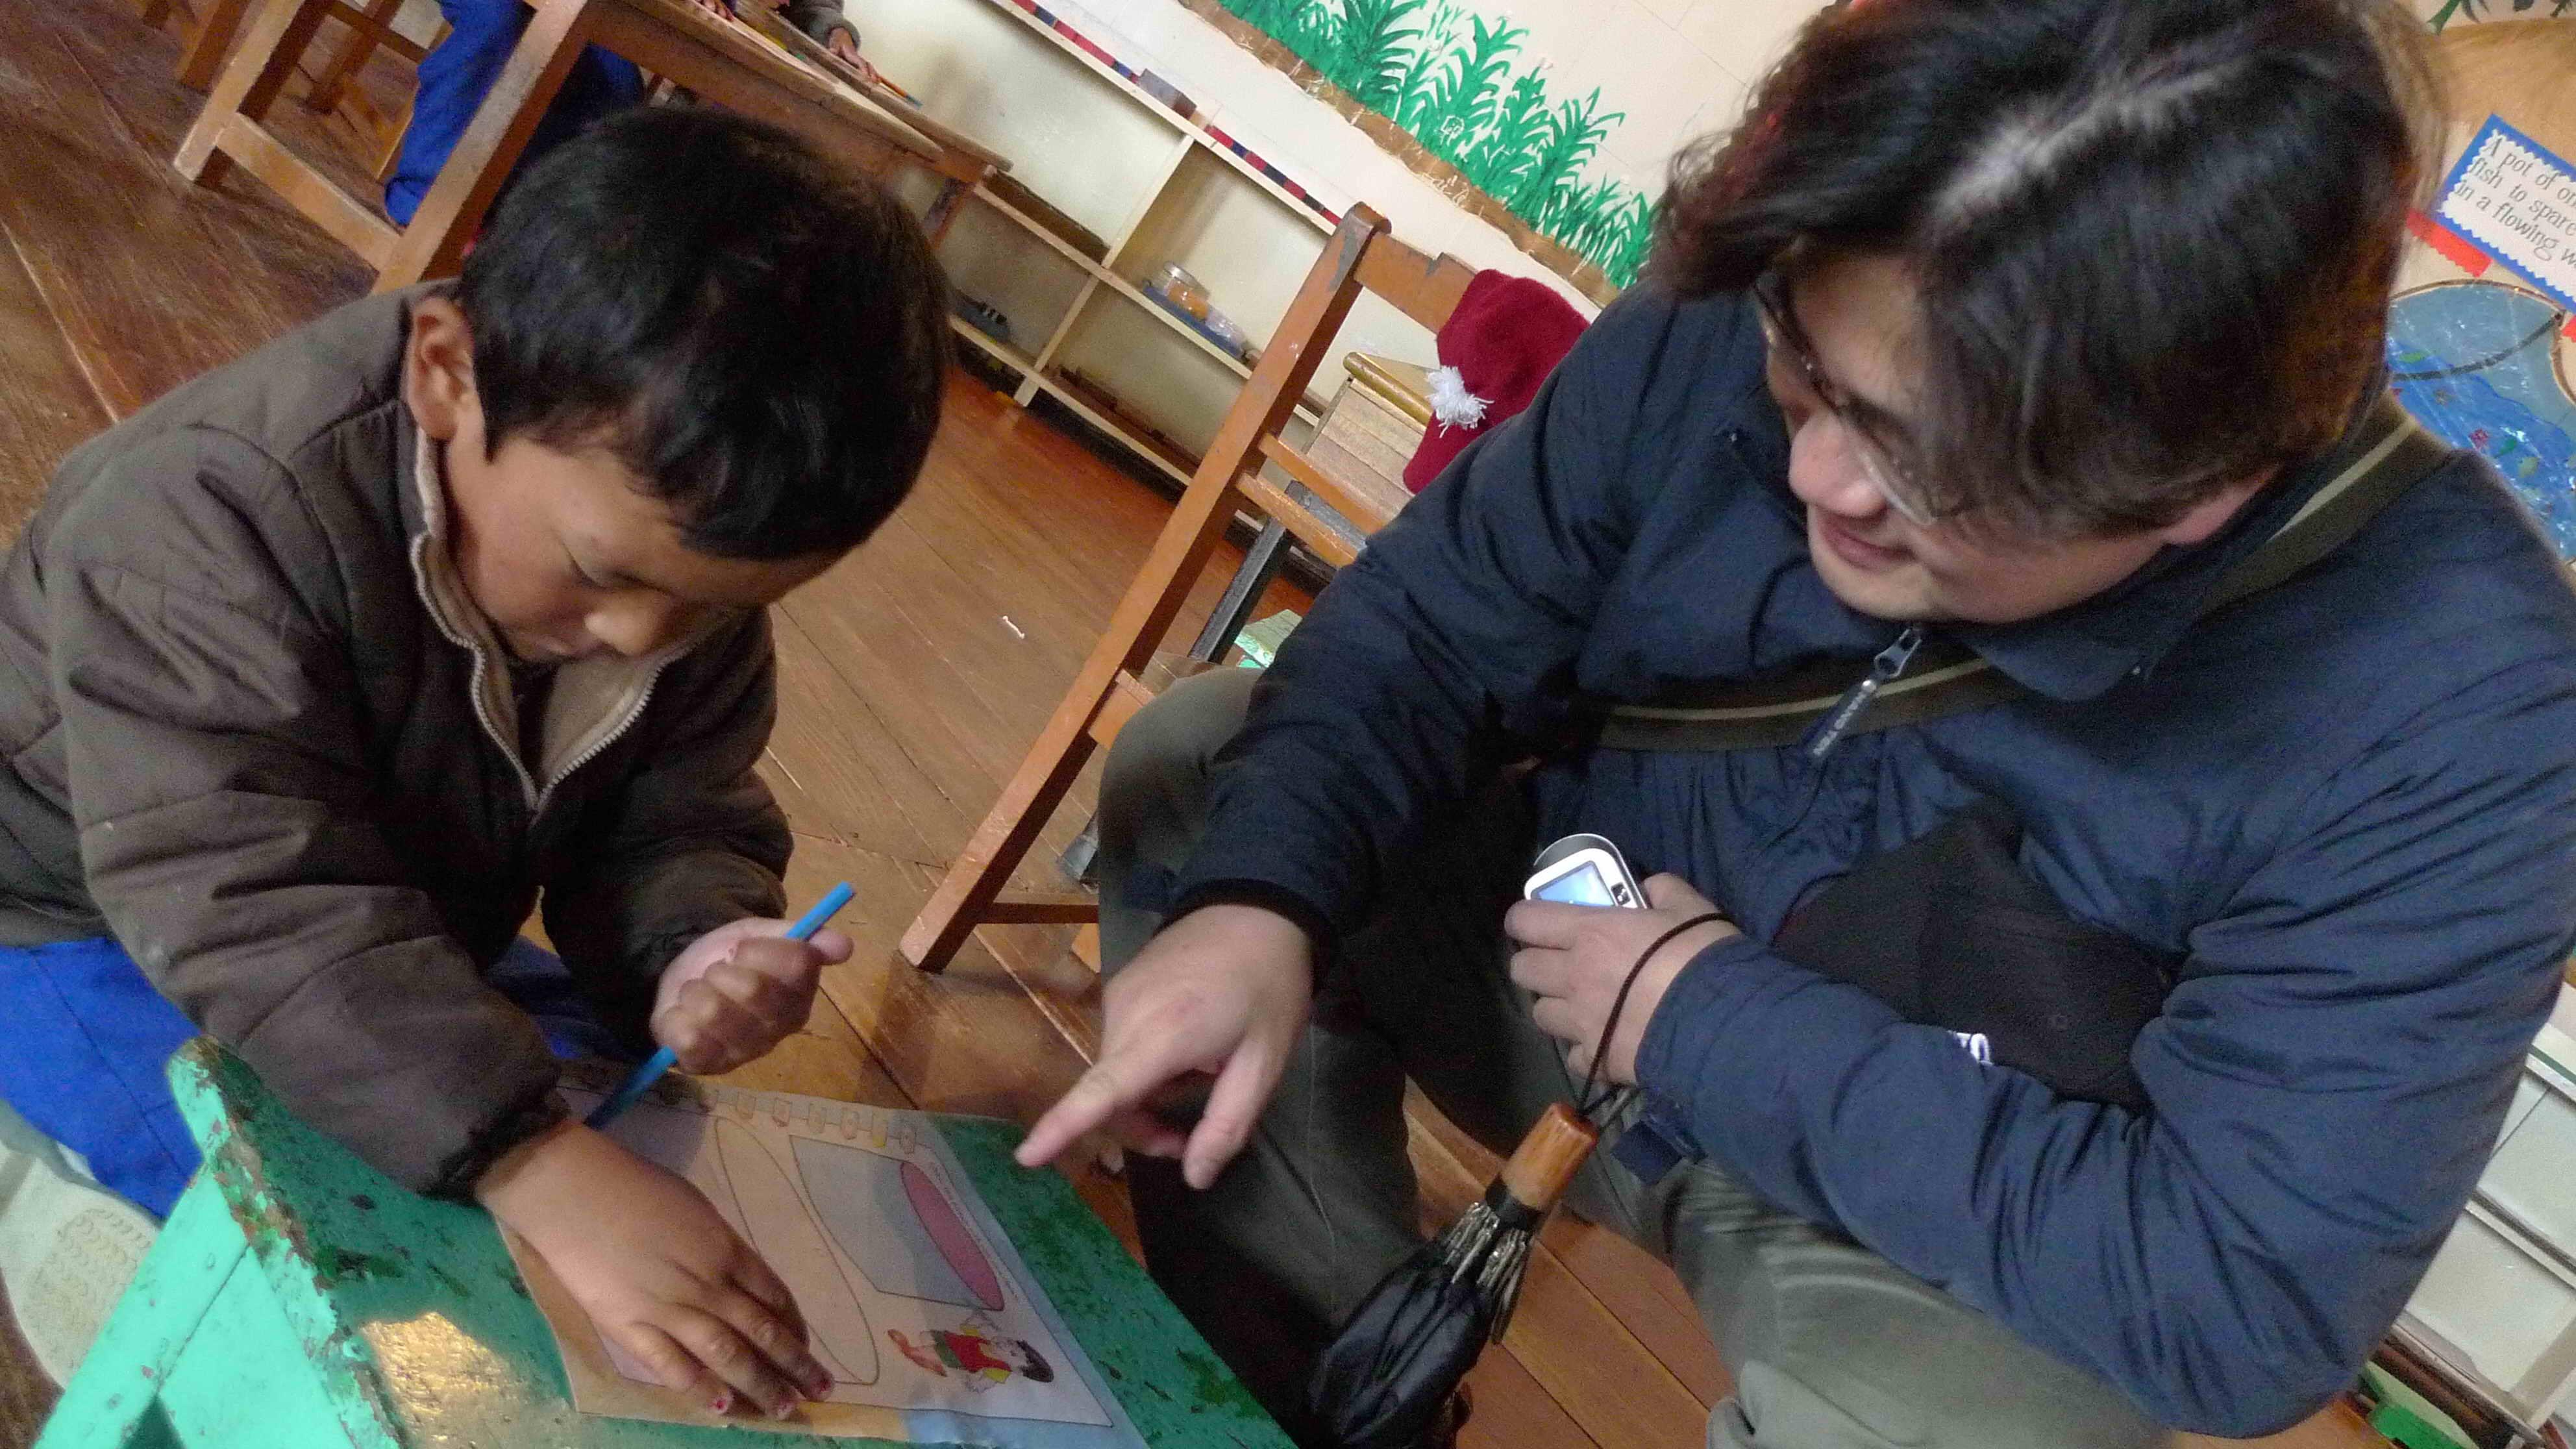 中原大學北印度流亡藏人服務探勘計畫 讓服務學習的彩虹橋直達喜馬拉雅雪山之下